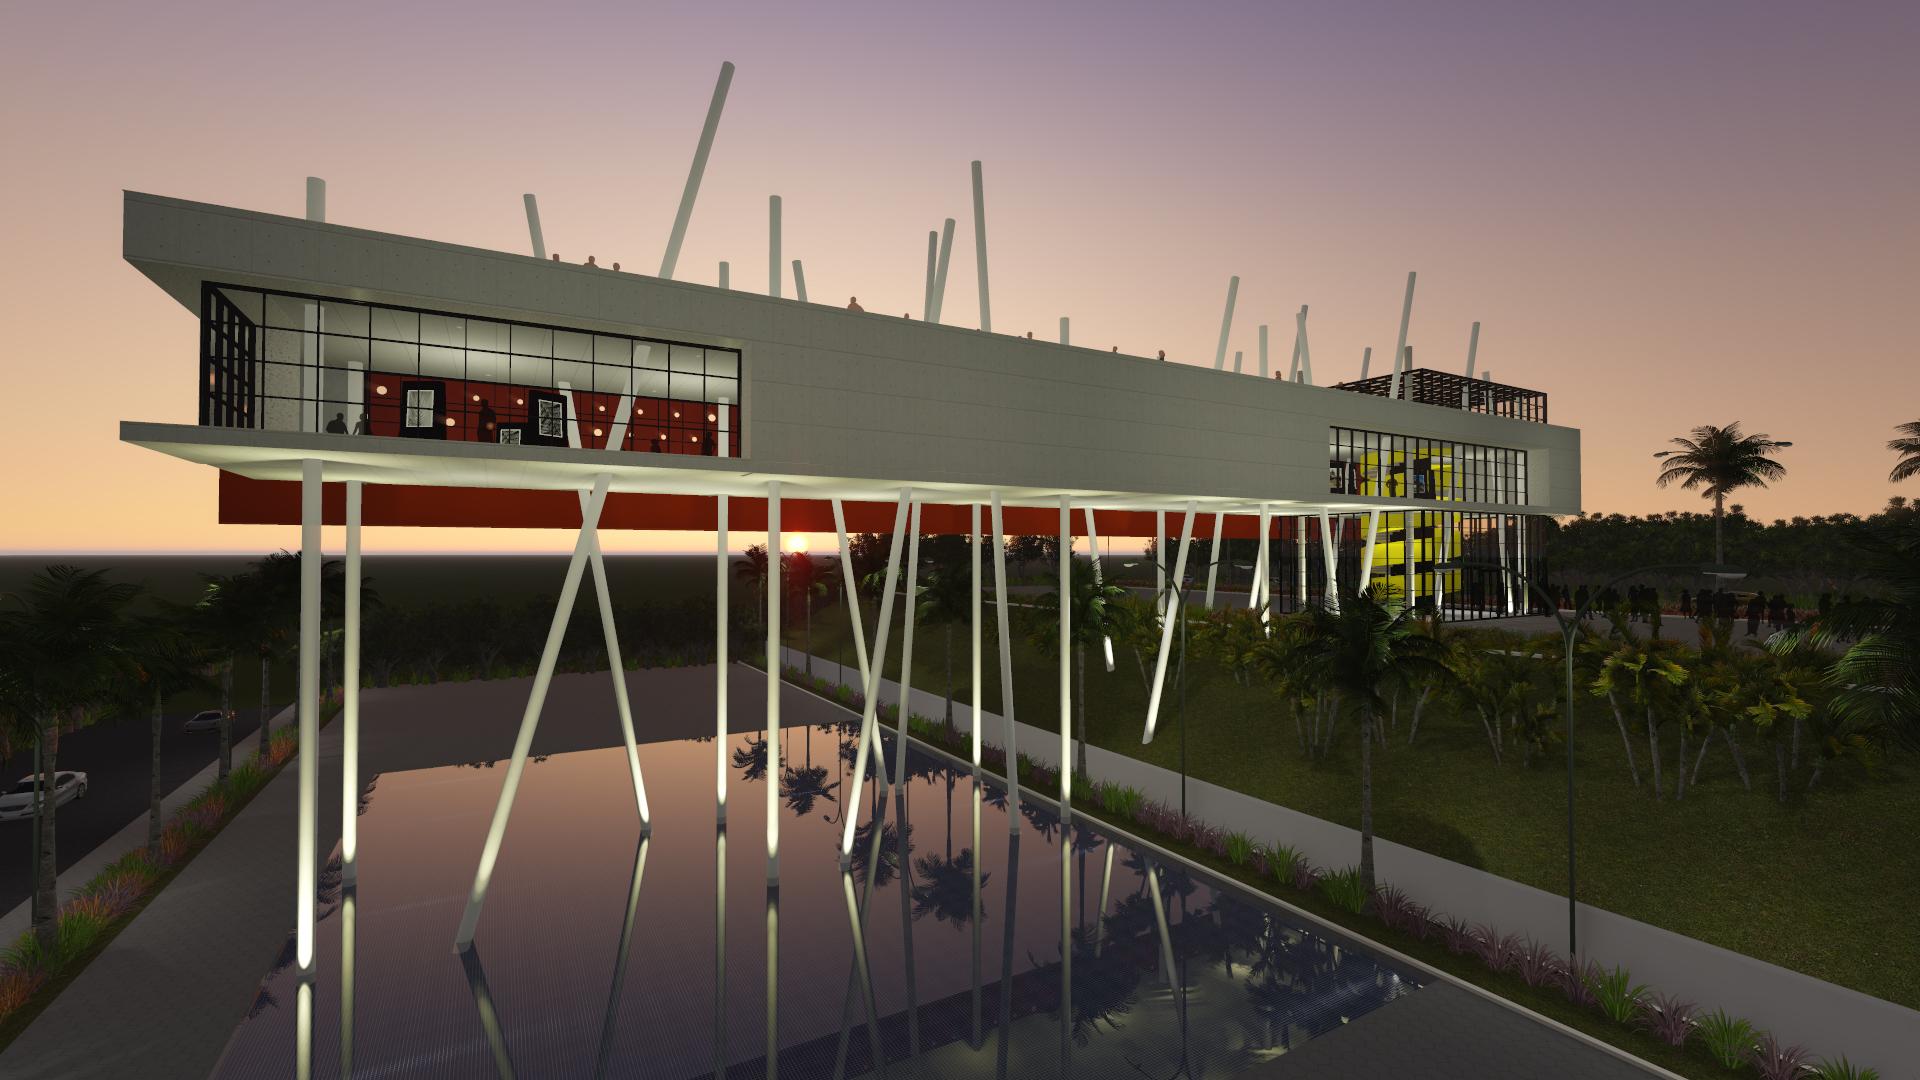 projeto-arquitetonico-museumacaiba-duo-arquitetura-014.jpg